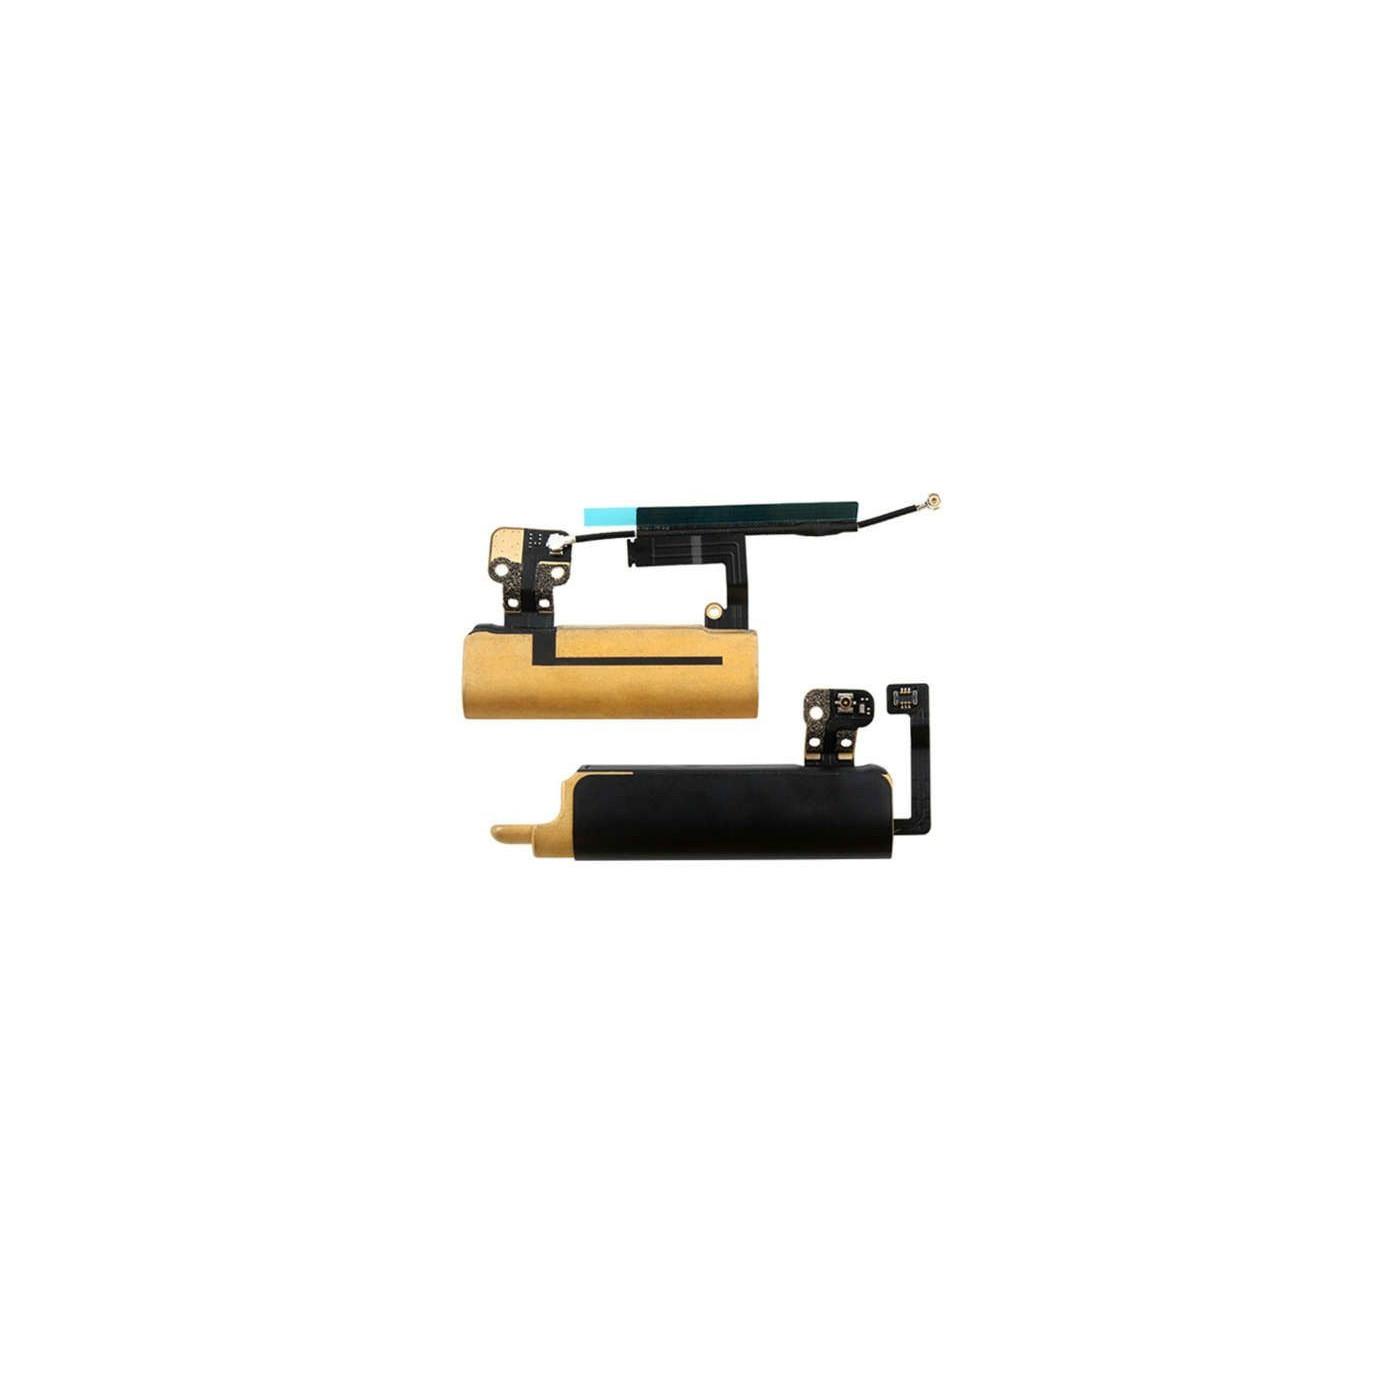 Antena izquierda y derecha para apple ipad mini izquierda y derecha